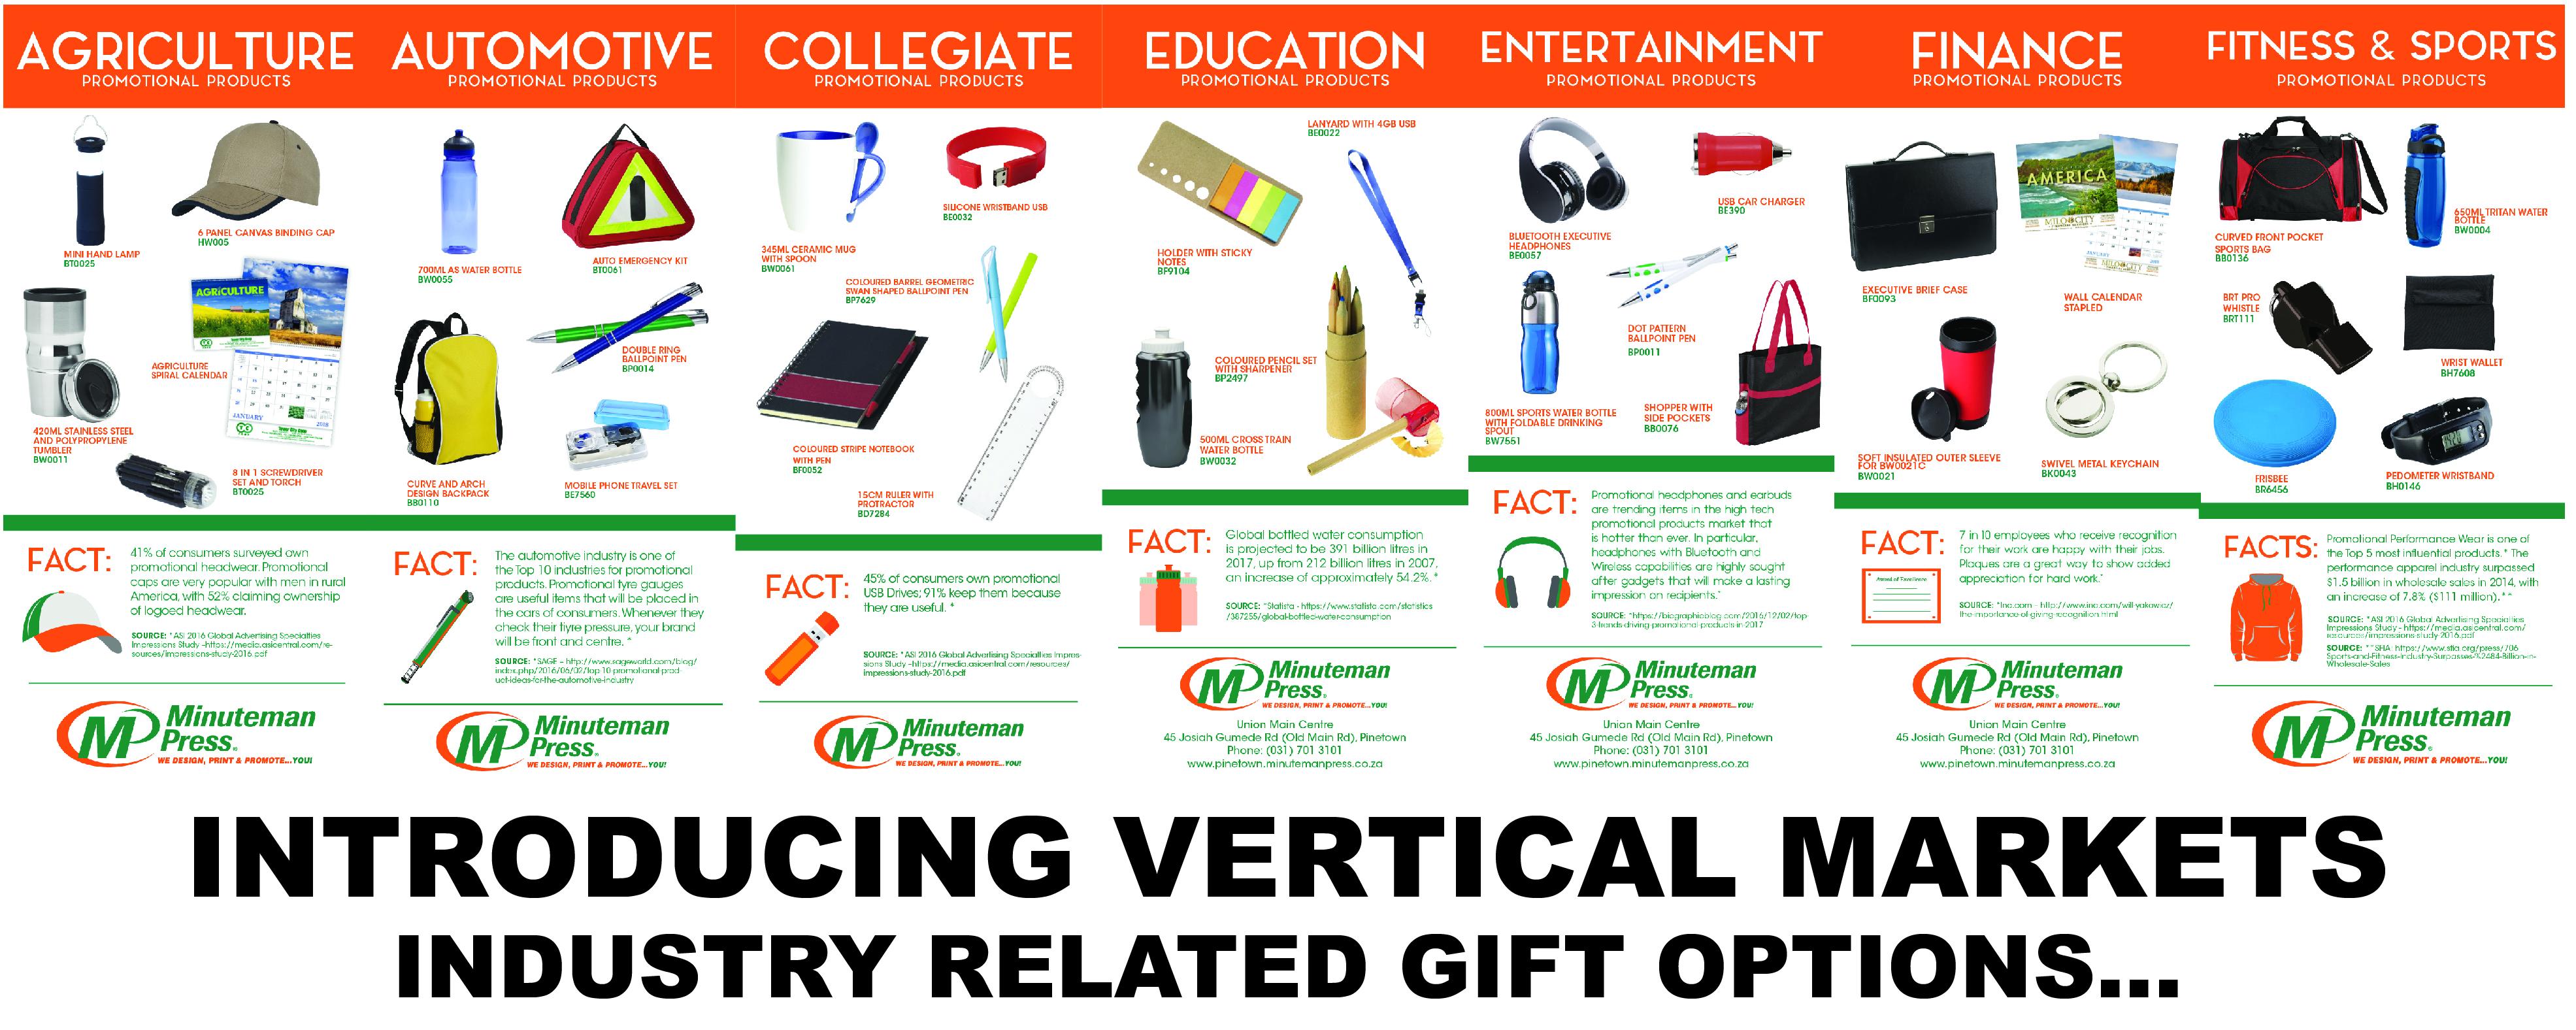 Vertical Markets